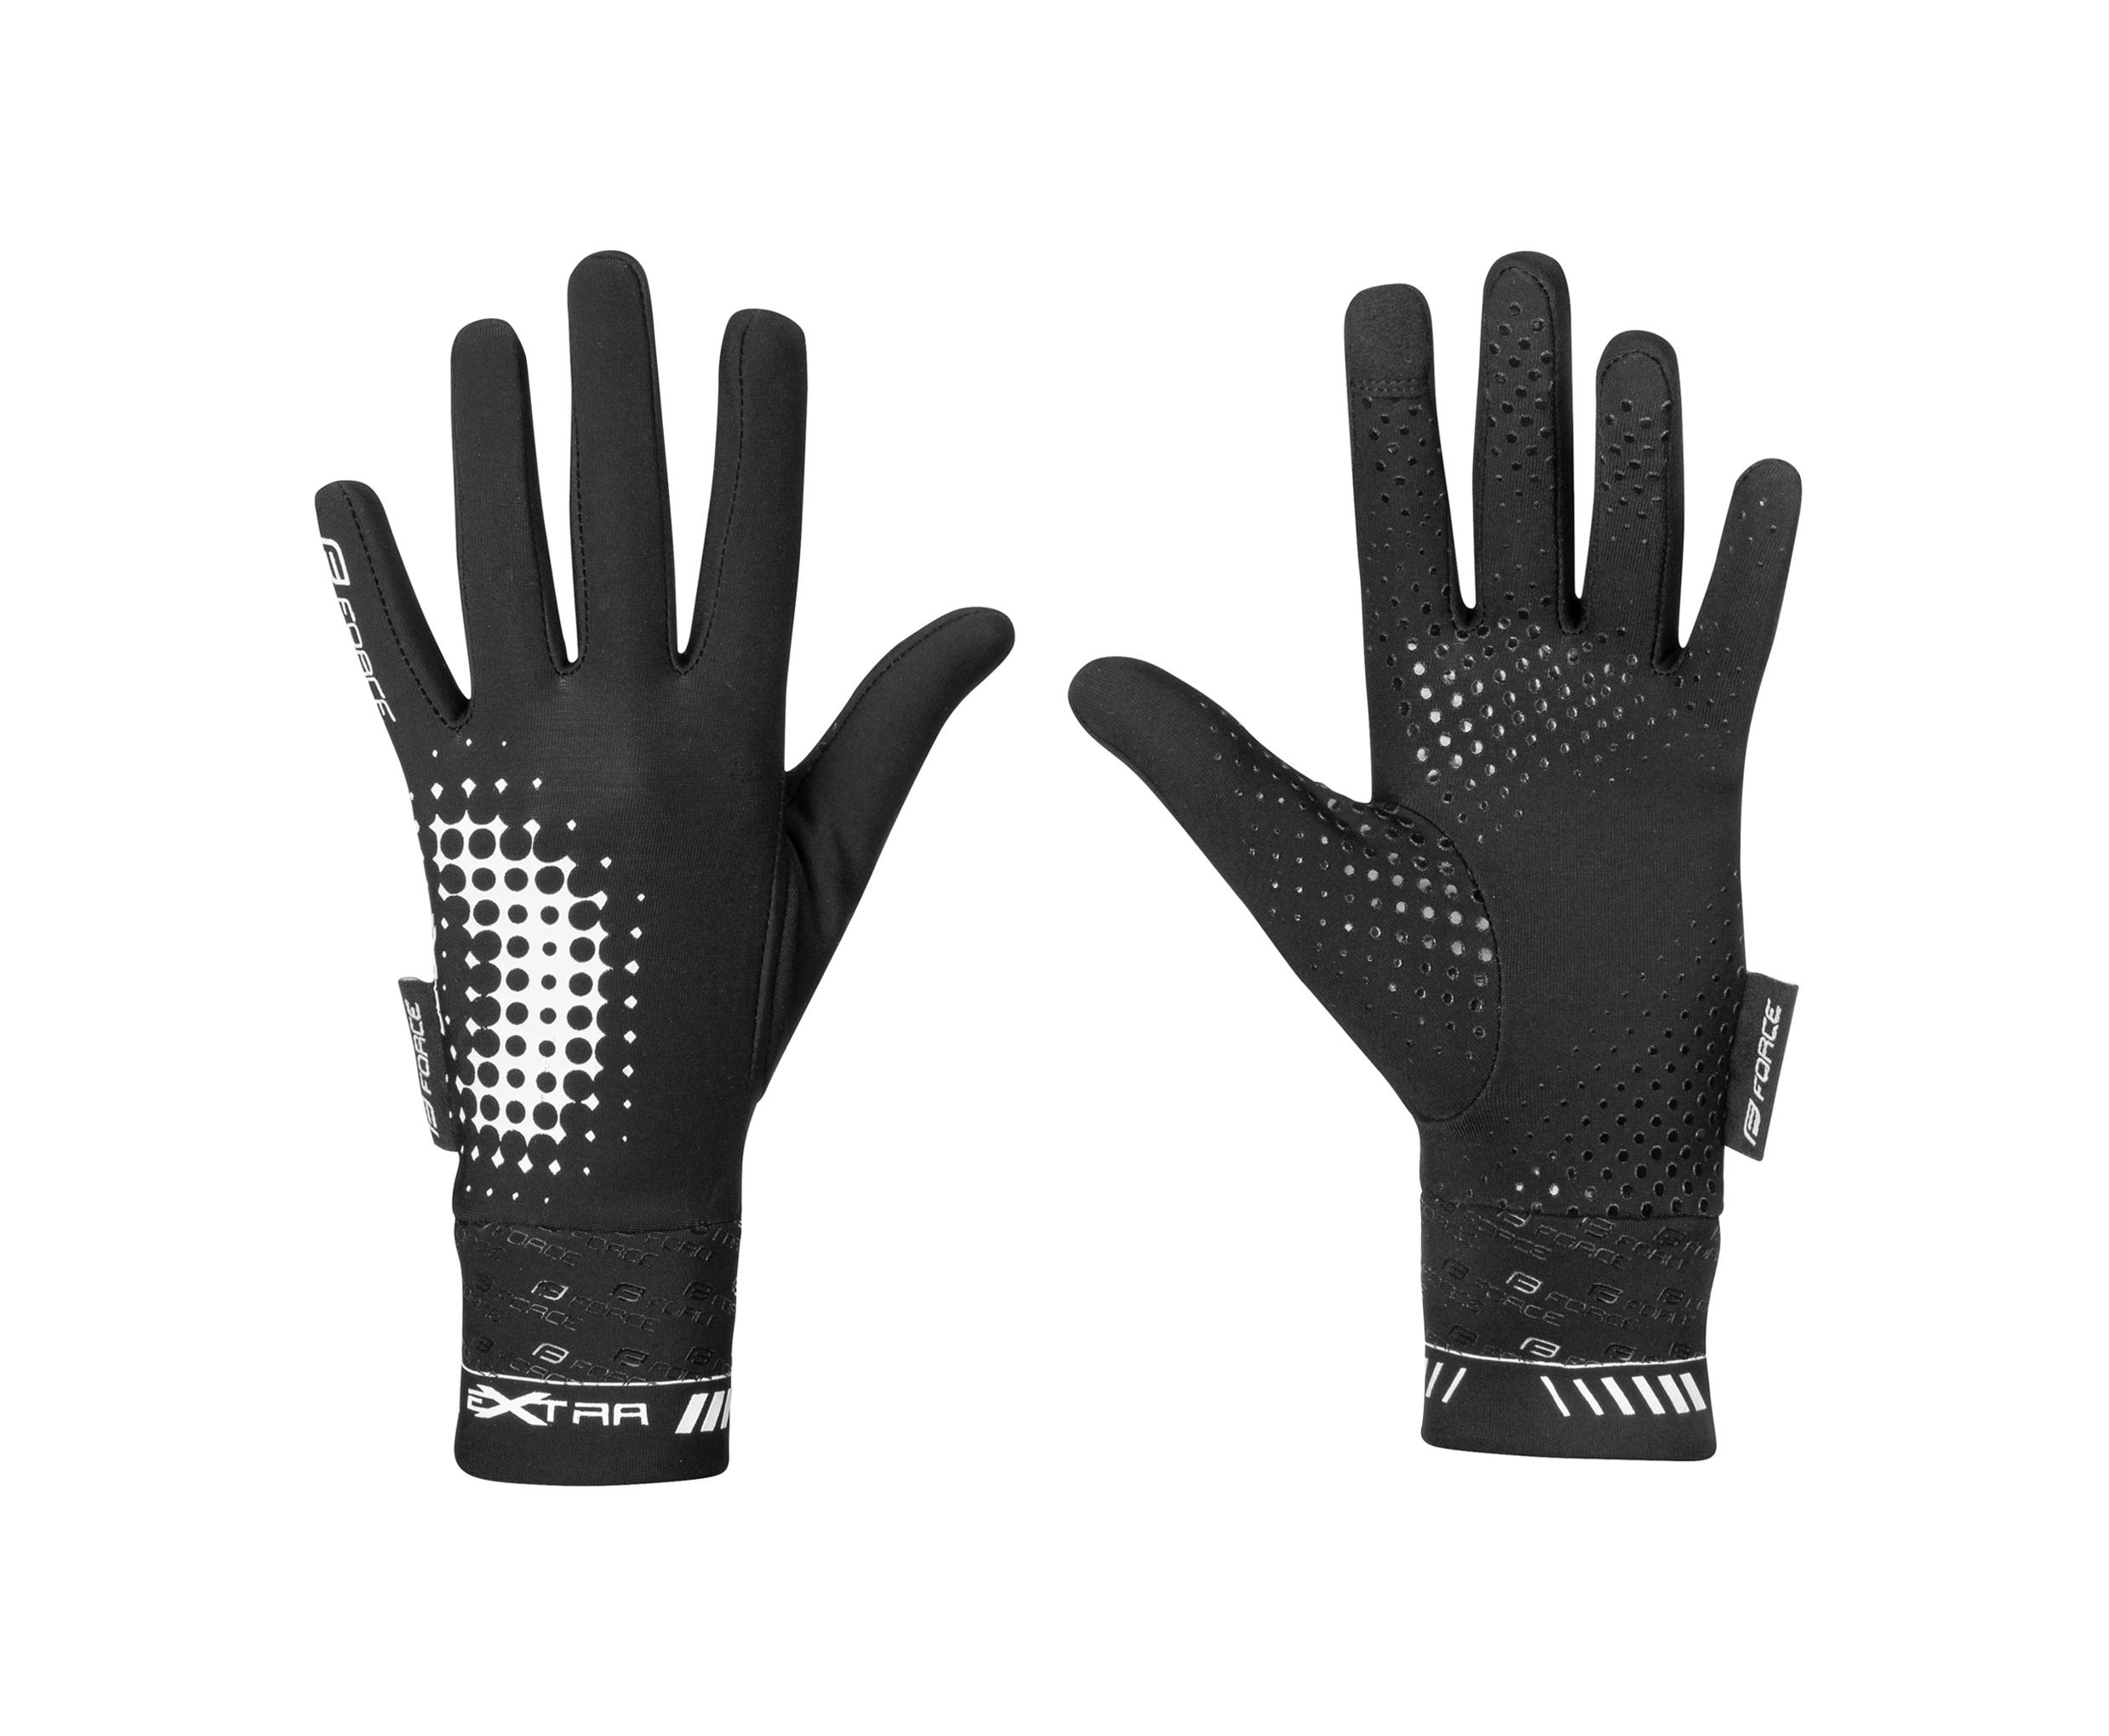 rukavice FORCE KID dětské EXTRA, jaro-podzim, černé L